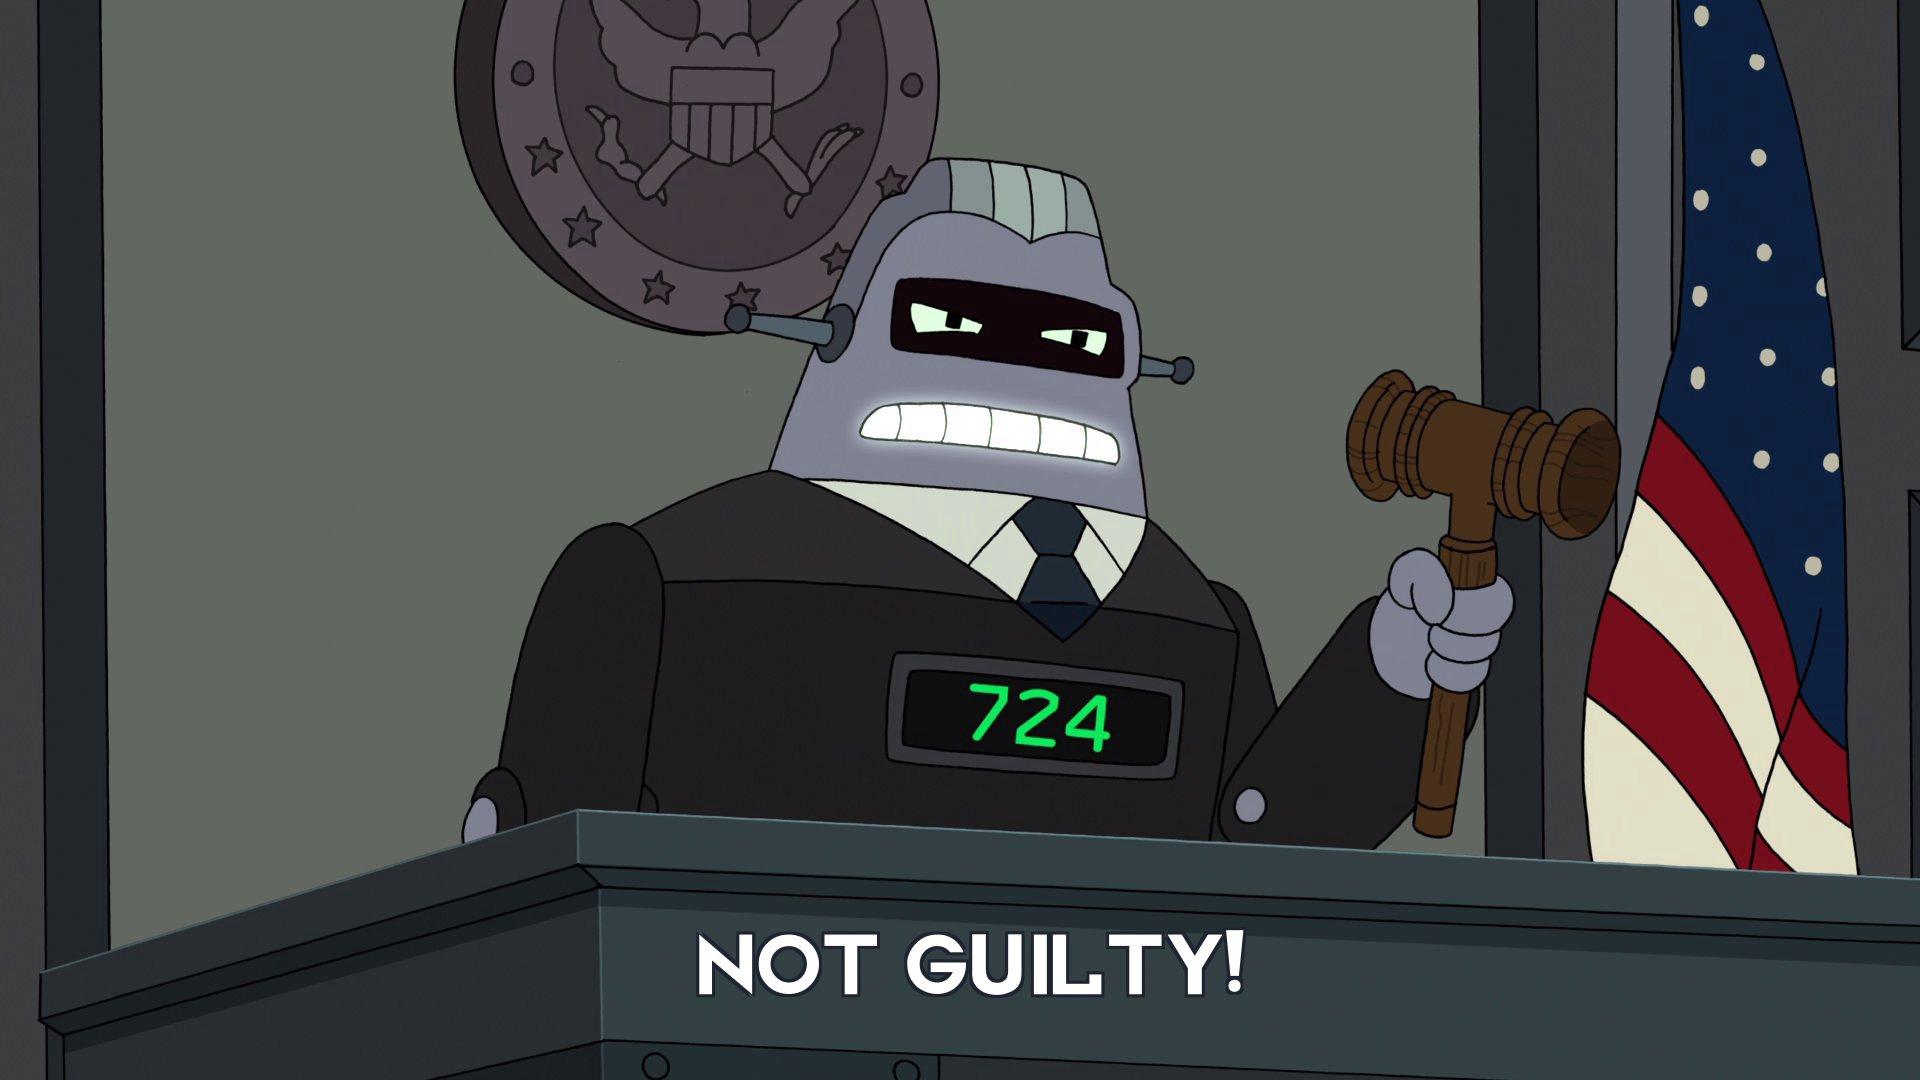 Judge 724: Not guilty!